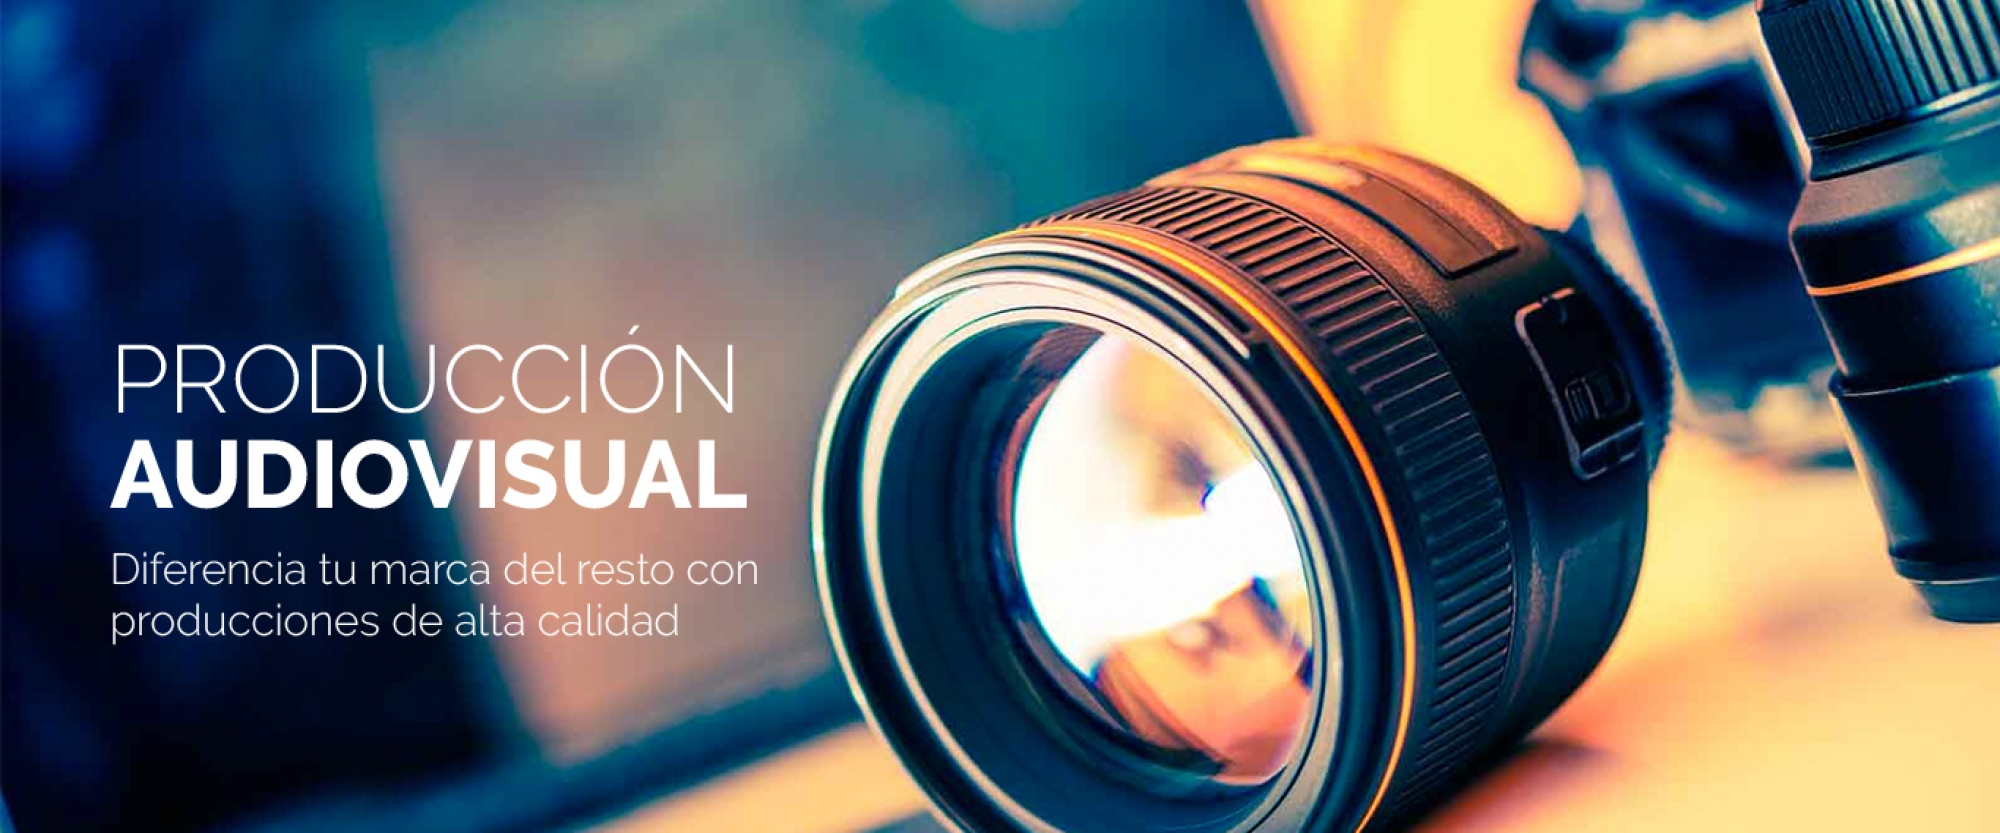 Producción Audiovisual - Servicios Grupo Creativo Macondo